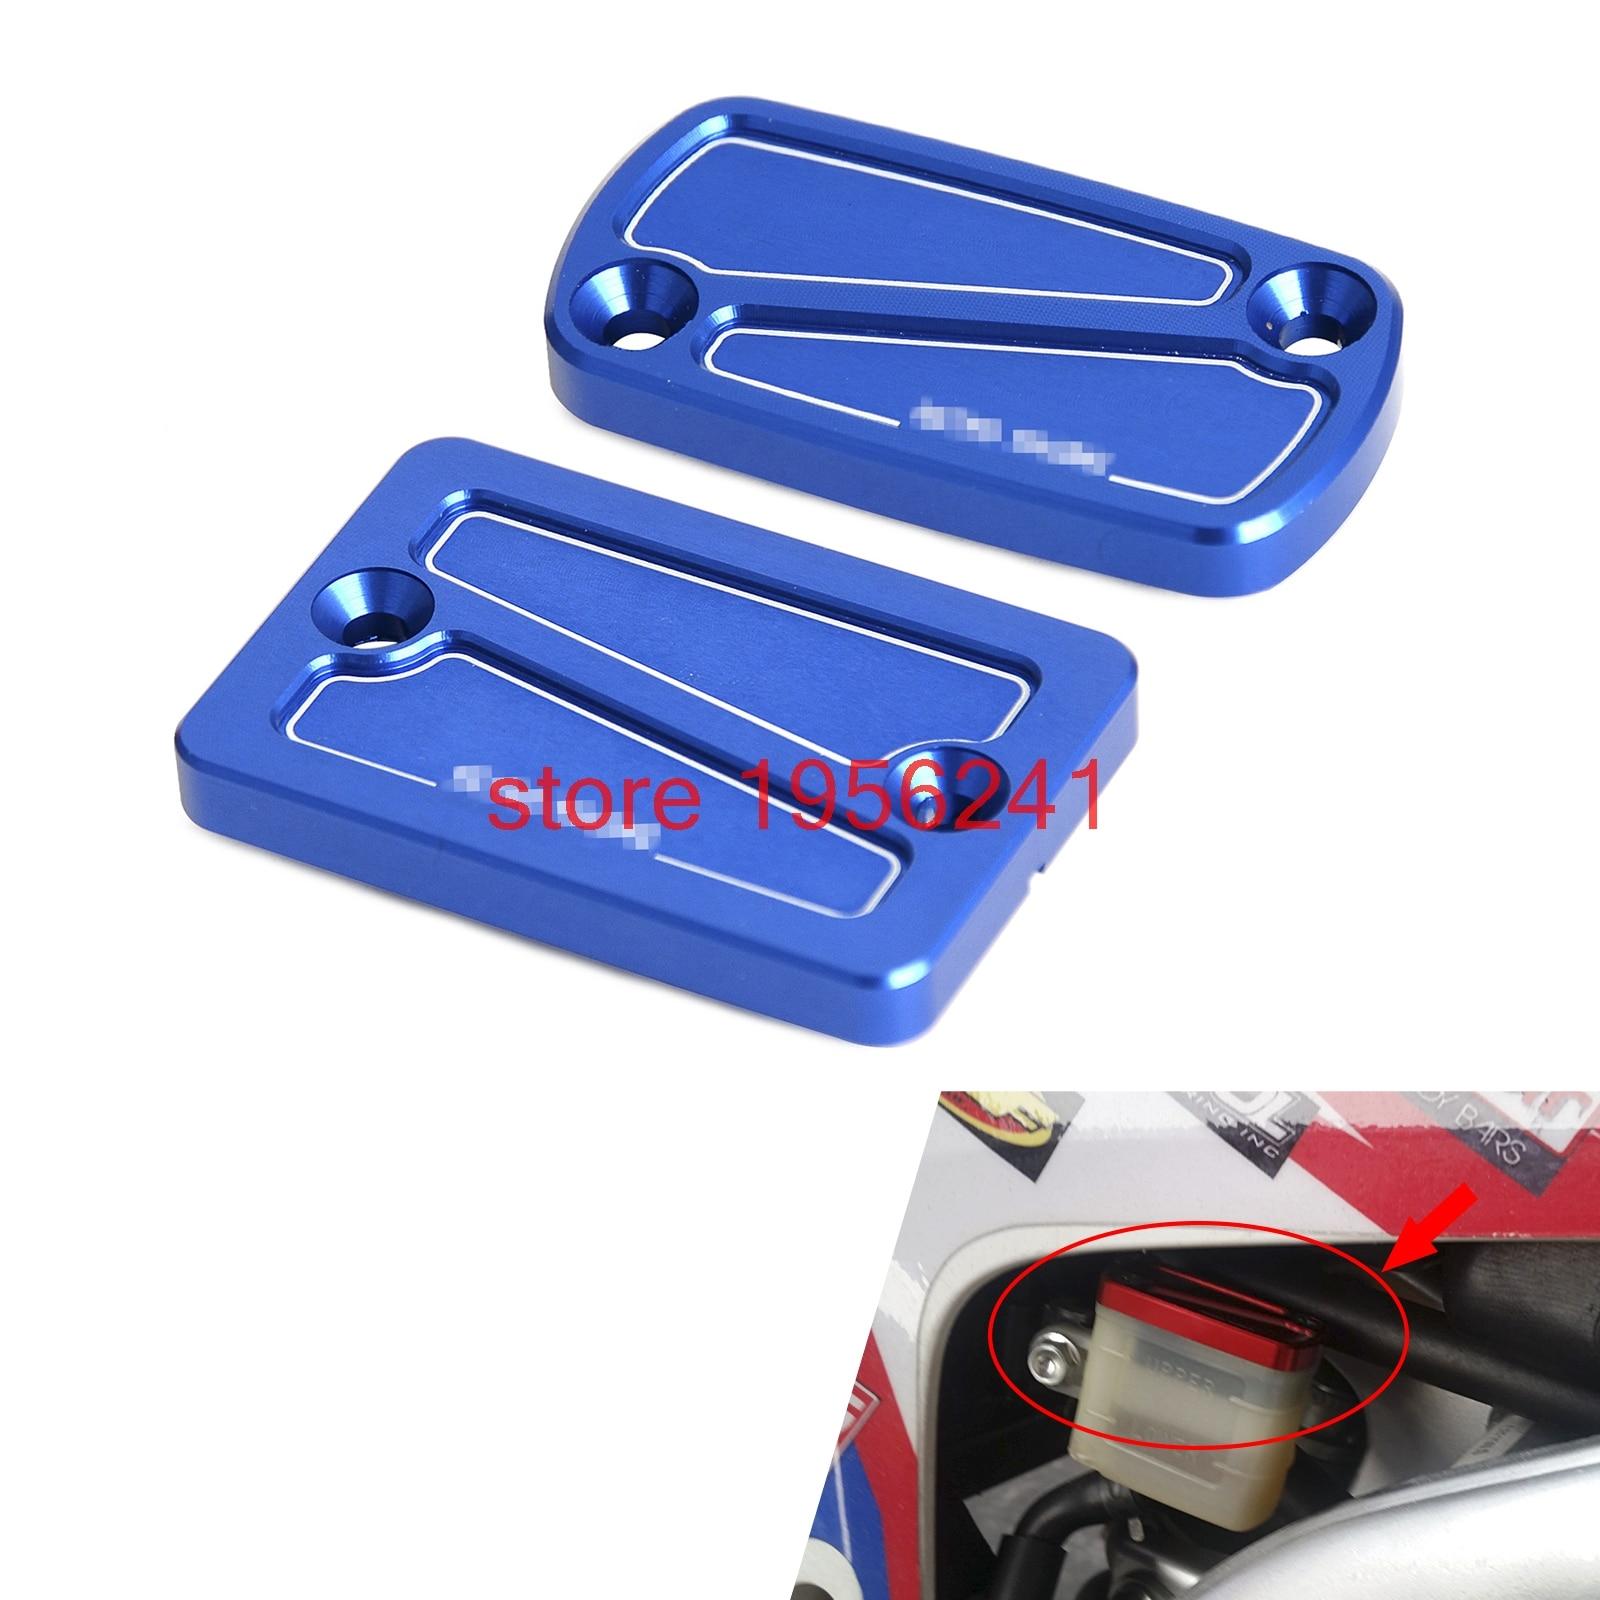 CNC Front & Rear Brake Reservoir Fluid Cover Cap For Honda CRF250L CRF250M 2012 2013 2014 2015 CRF250 L/M CRF 250L 250M велосипед norco fluid 6 3 2013